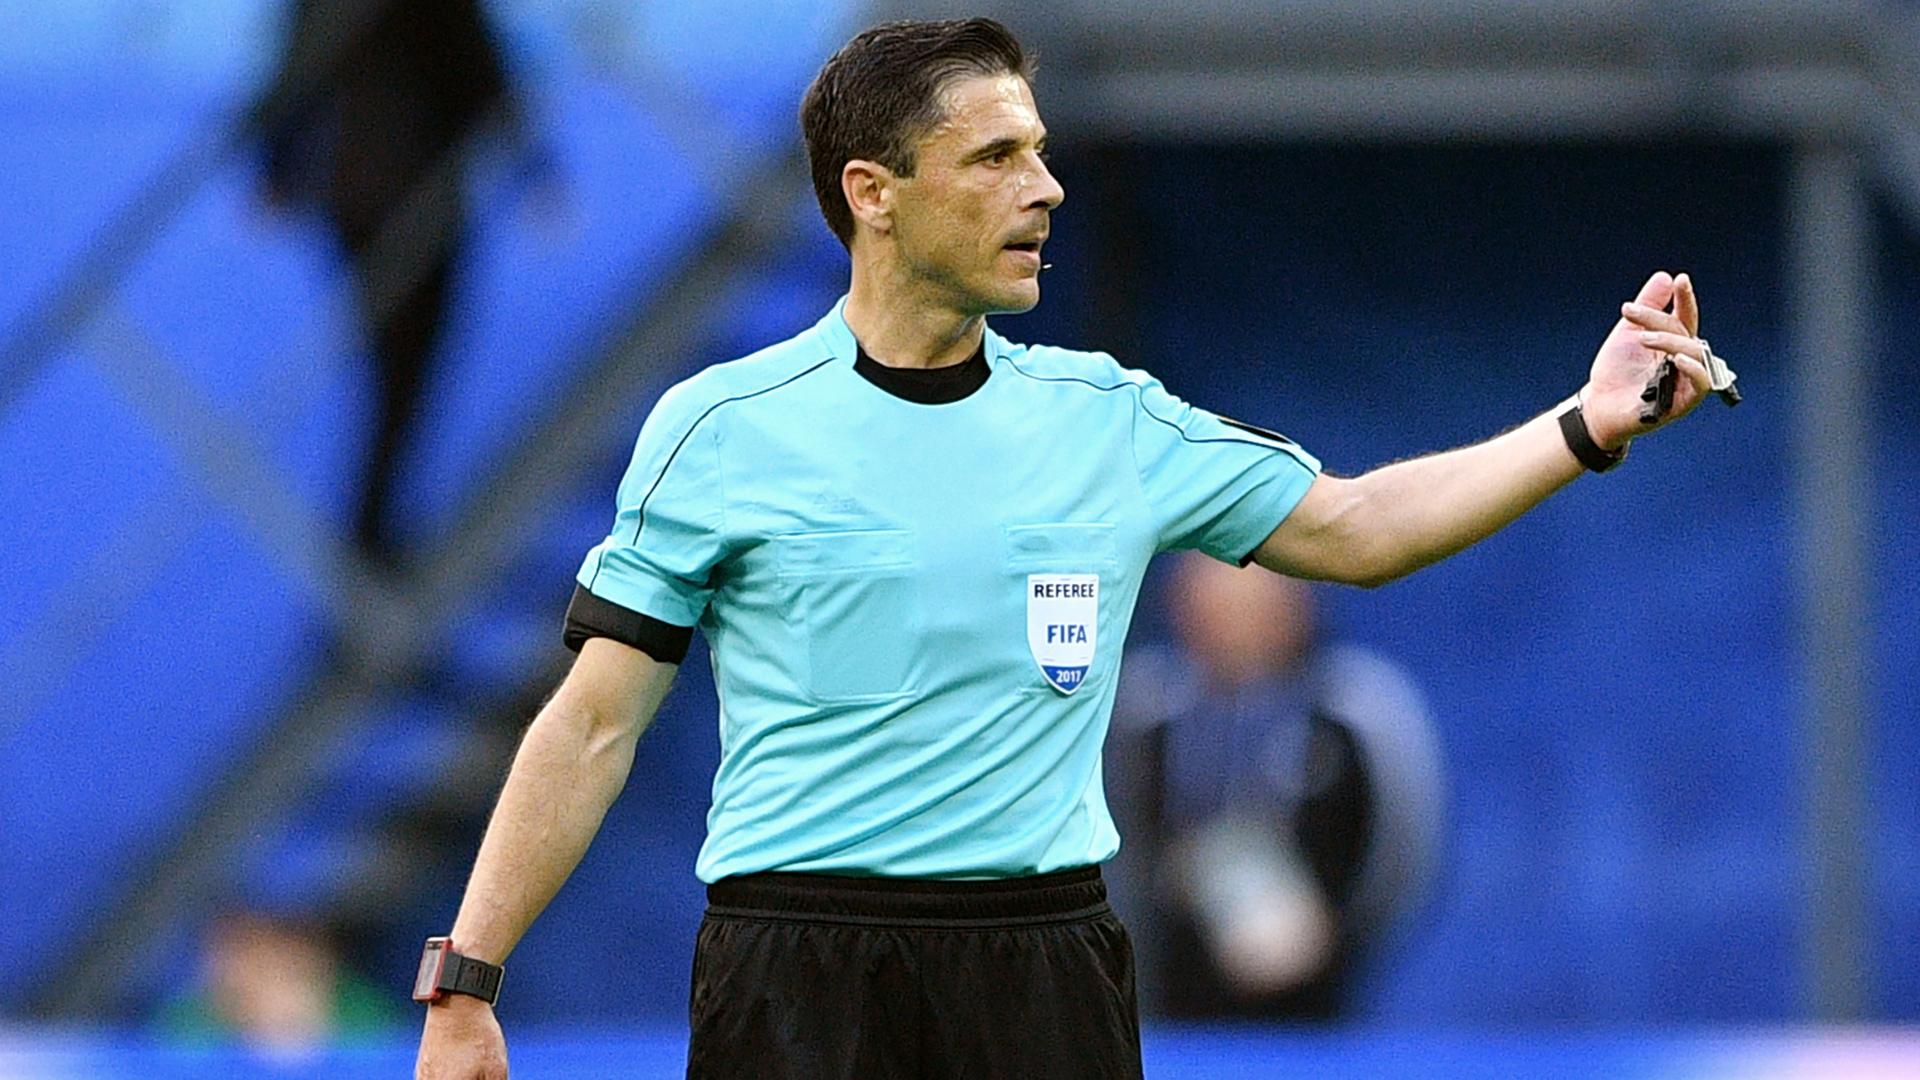 Finale Champions League, l'arbitro di Real Madrid-Liverpool sarà Mazic